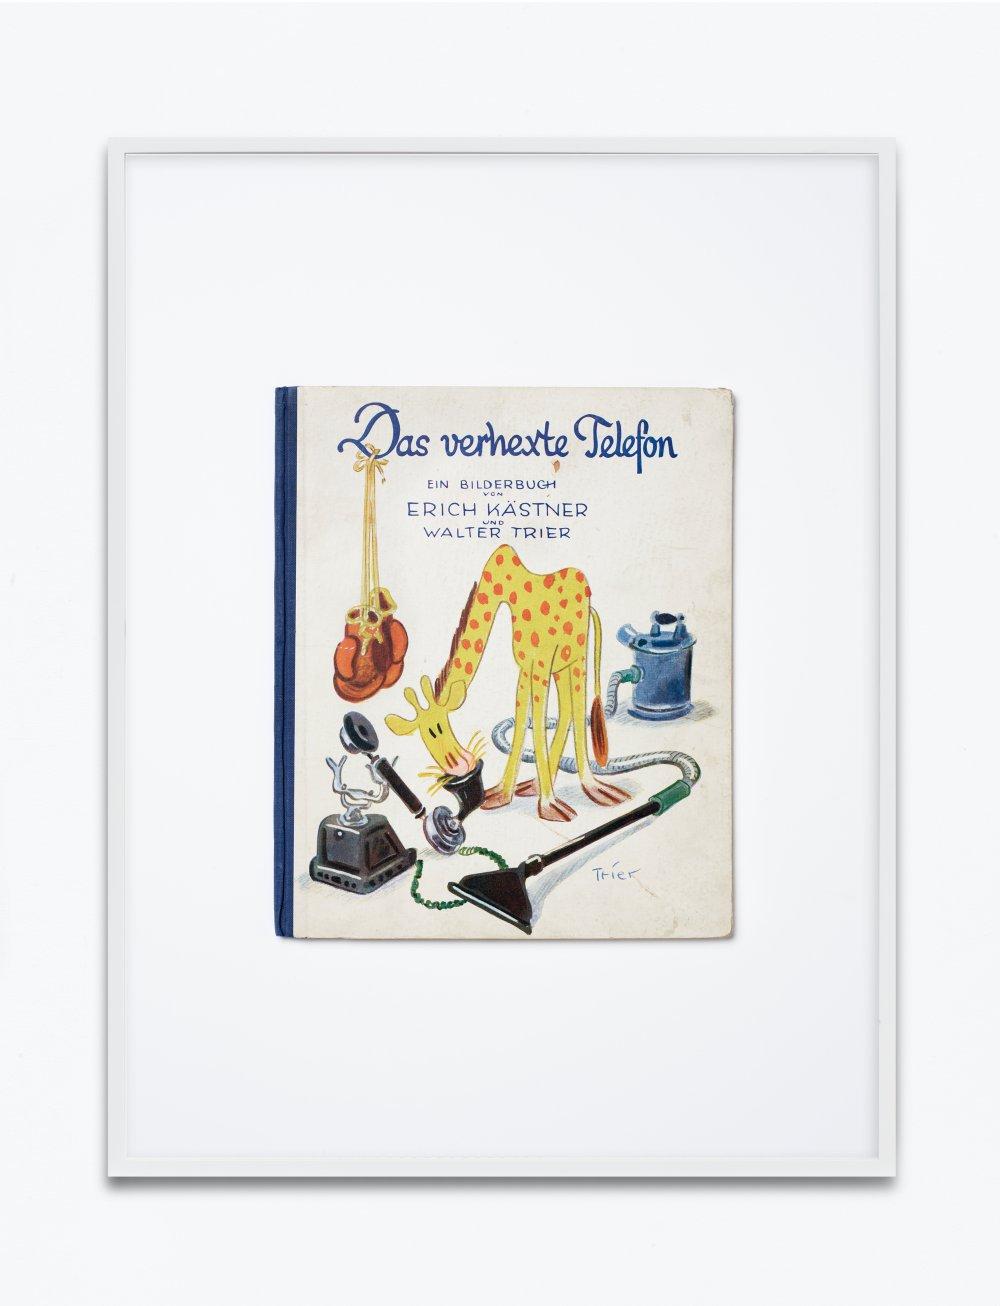 Erich Kästner, Das verhexte Telefon, 1935, Williams & Co. Verlag GmbH, Berlin-Grunewald, Copyright Atrium Verlag AG, Zürich, 1935, Einbandgestaltung Walter Trier